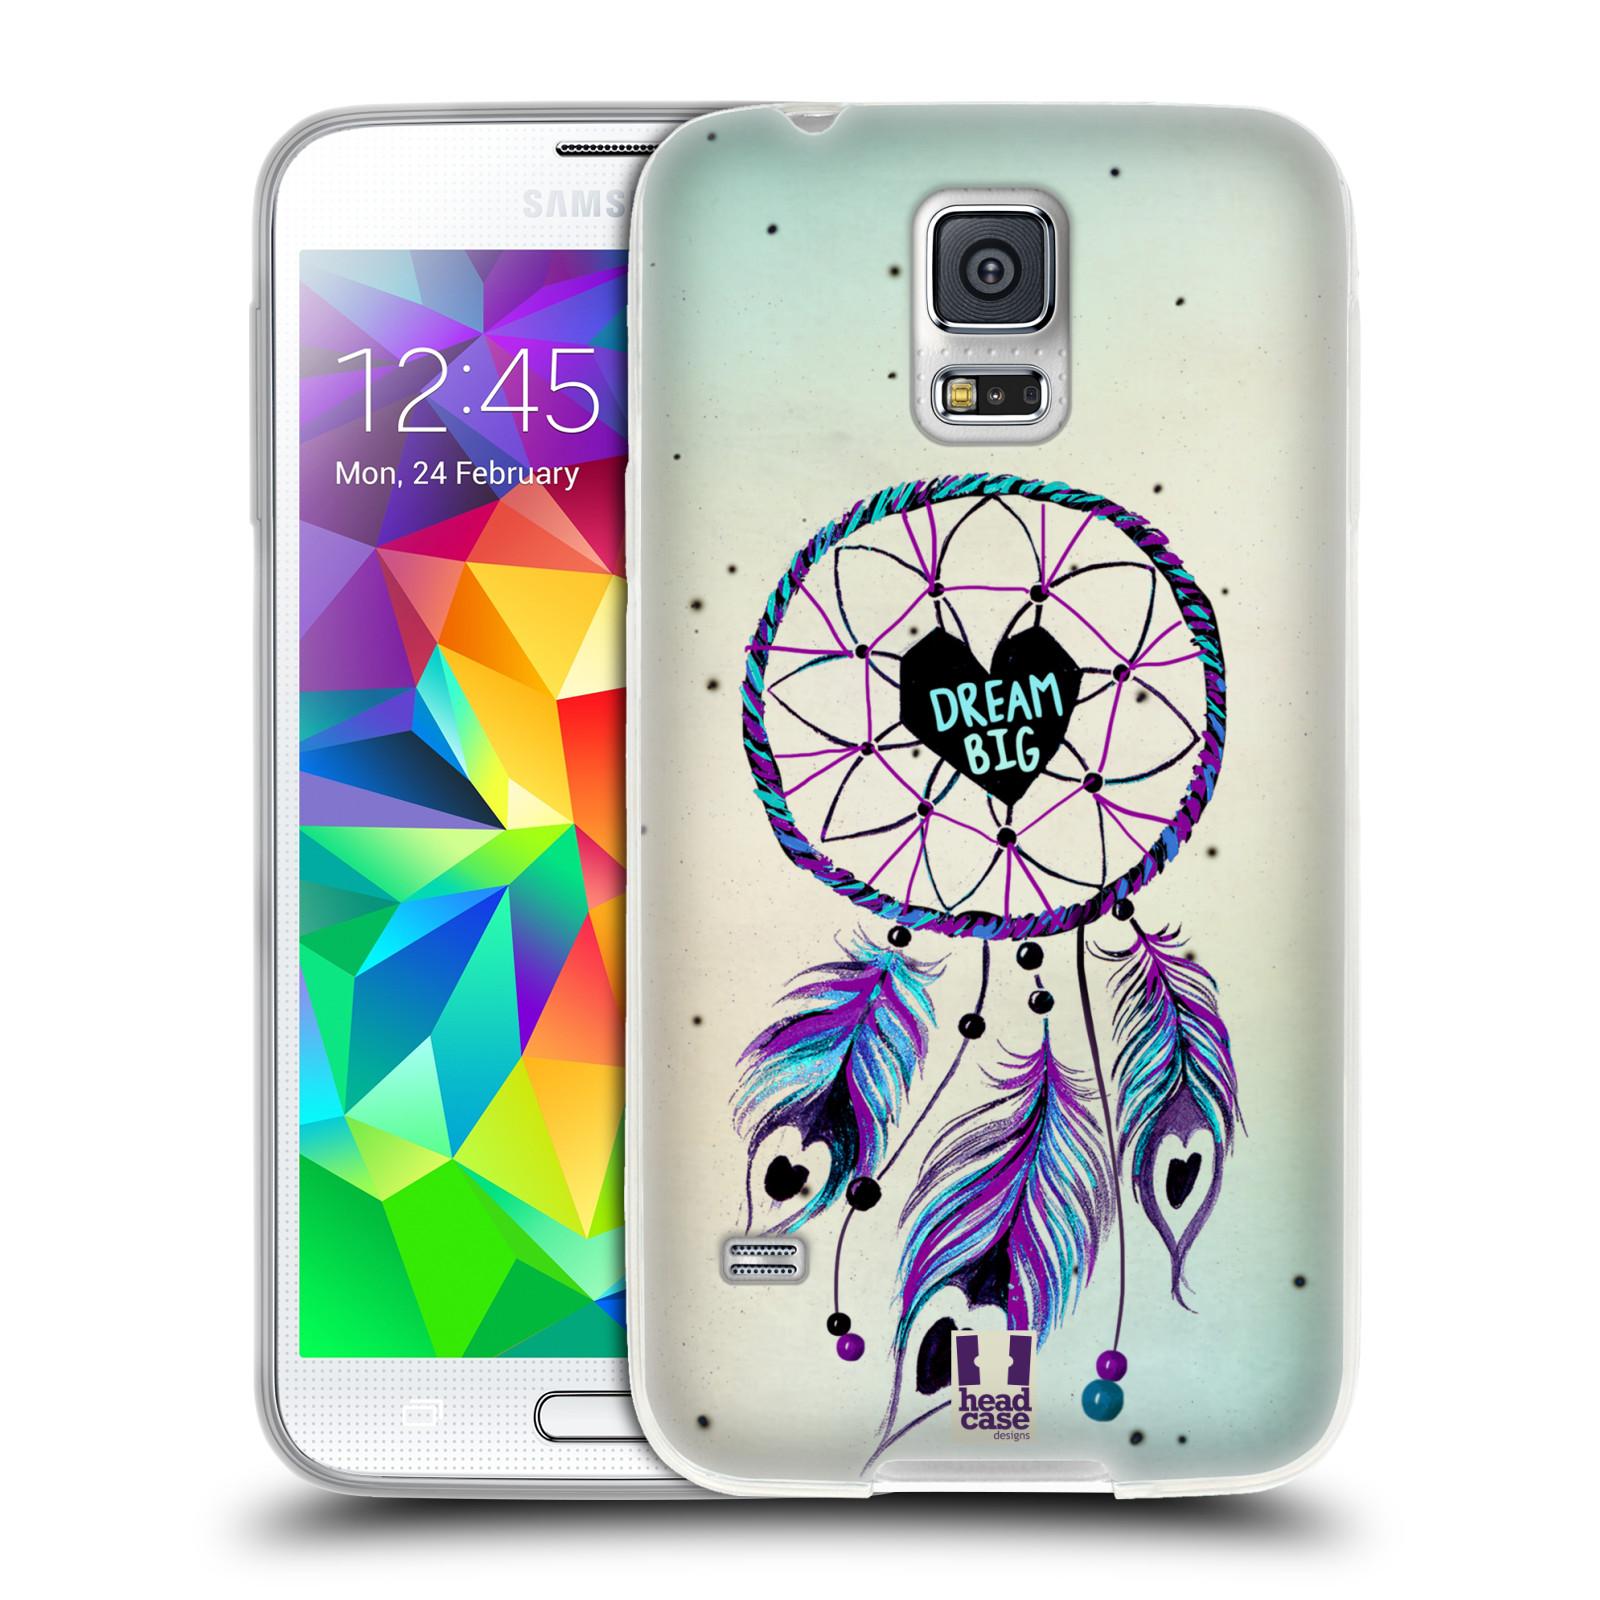 Silikonové pouzdro na mobil Samsung Galaxy S5 HEAD CASE Lapač Assorted Dream Big Srdce